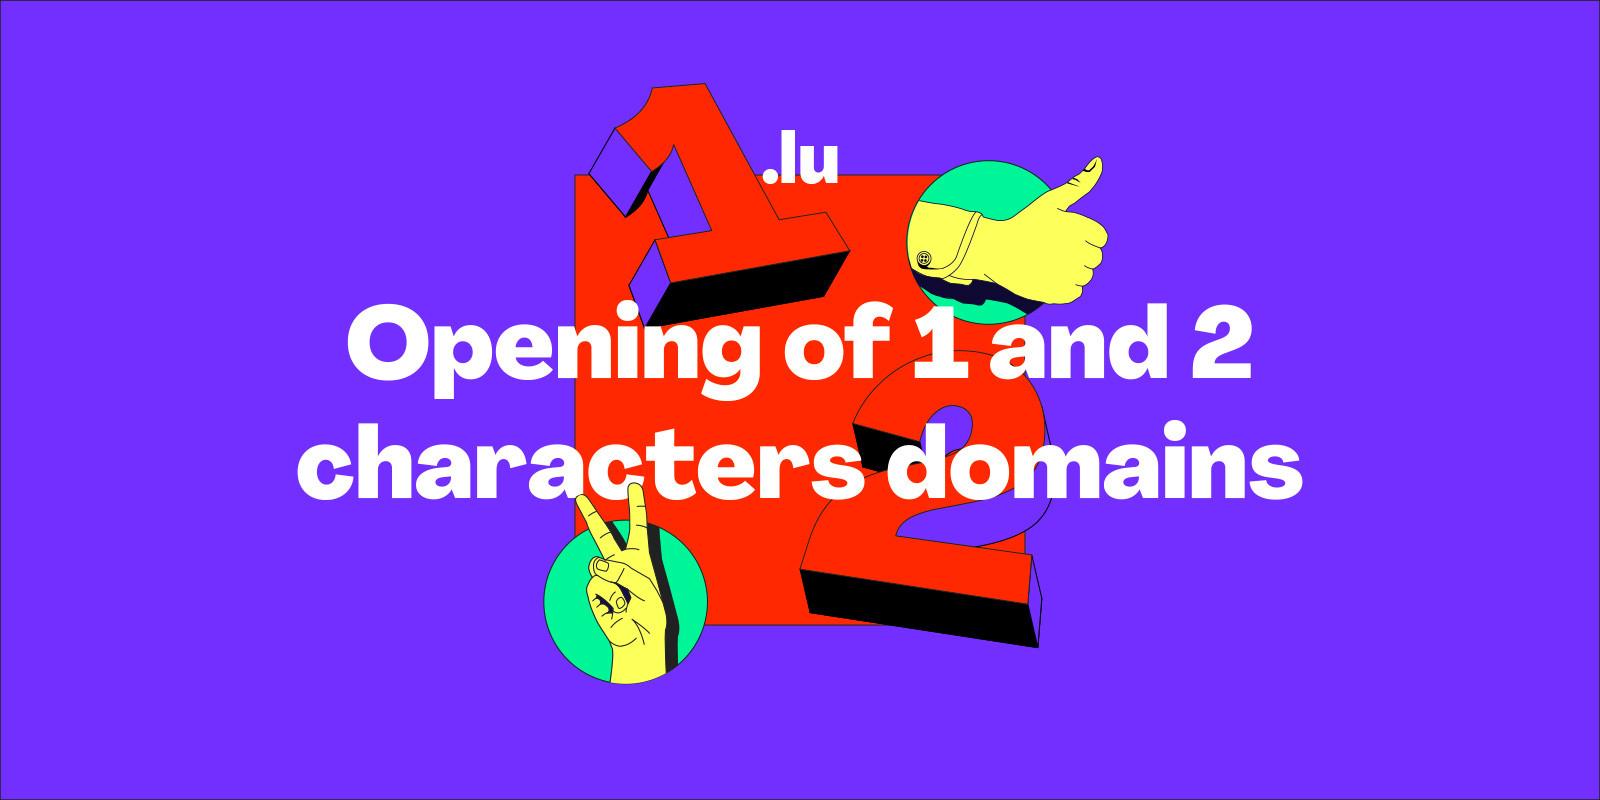 .LU 域名进入抢滩期:1 个及 2 个字元开放註册中!